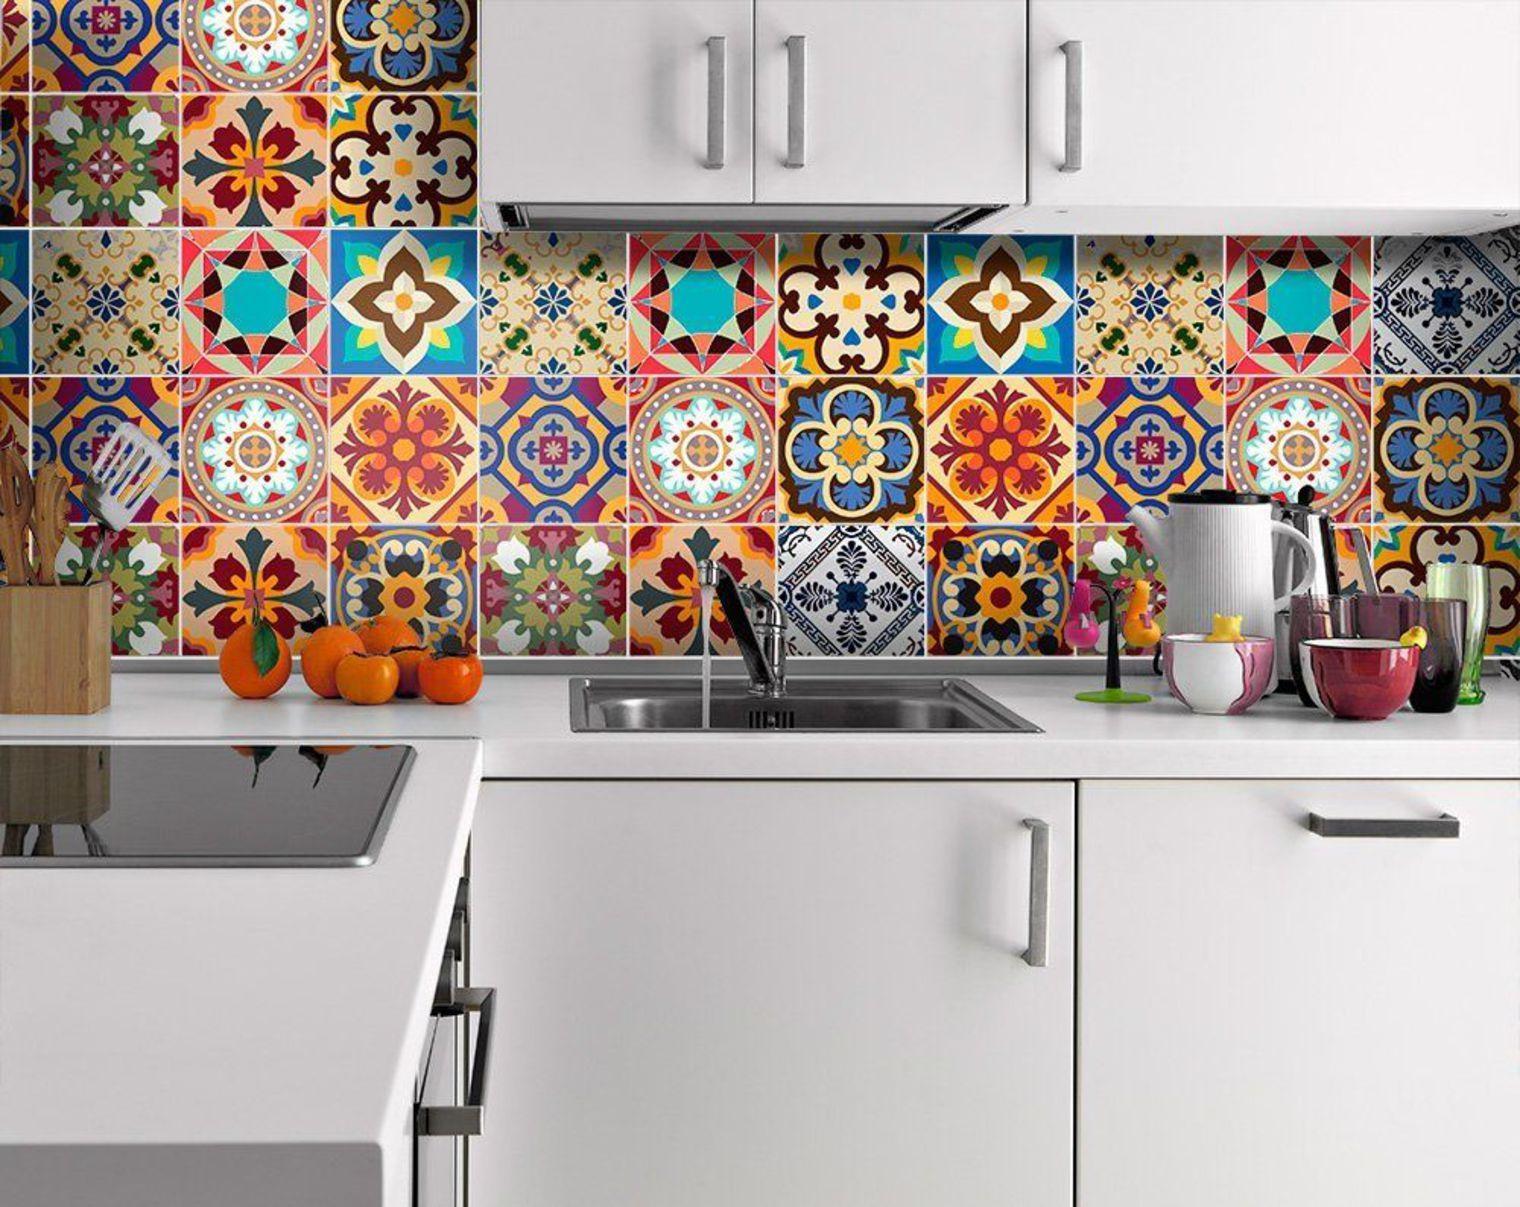 azulejos adhesivos - Materiales low cost que harán mejor tu cocina ...